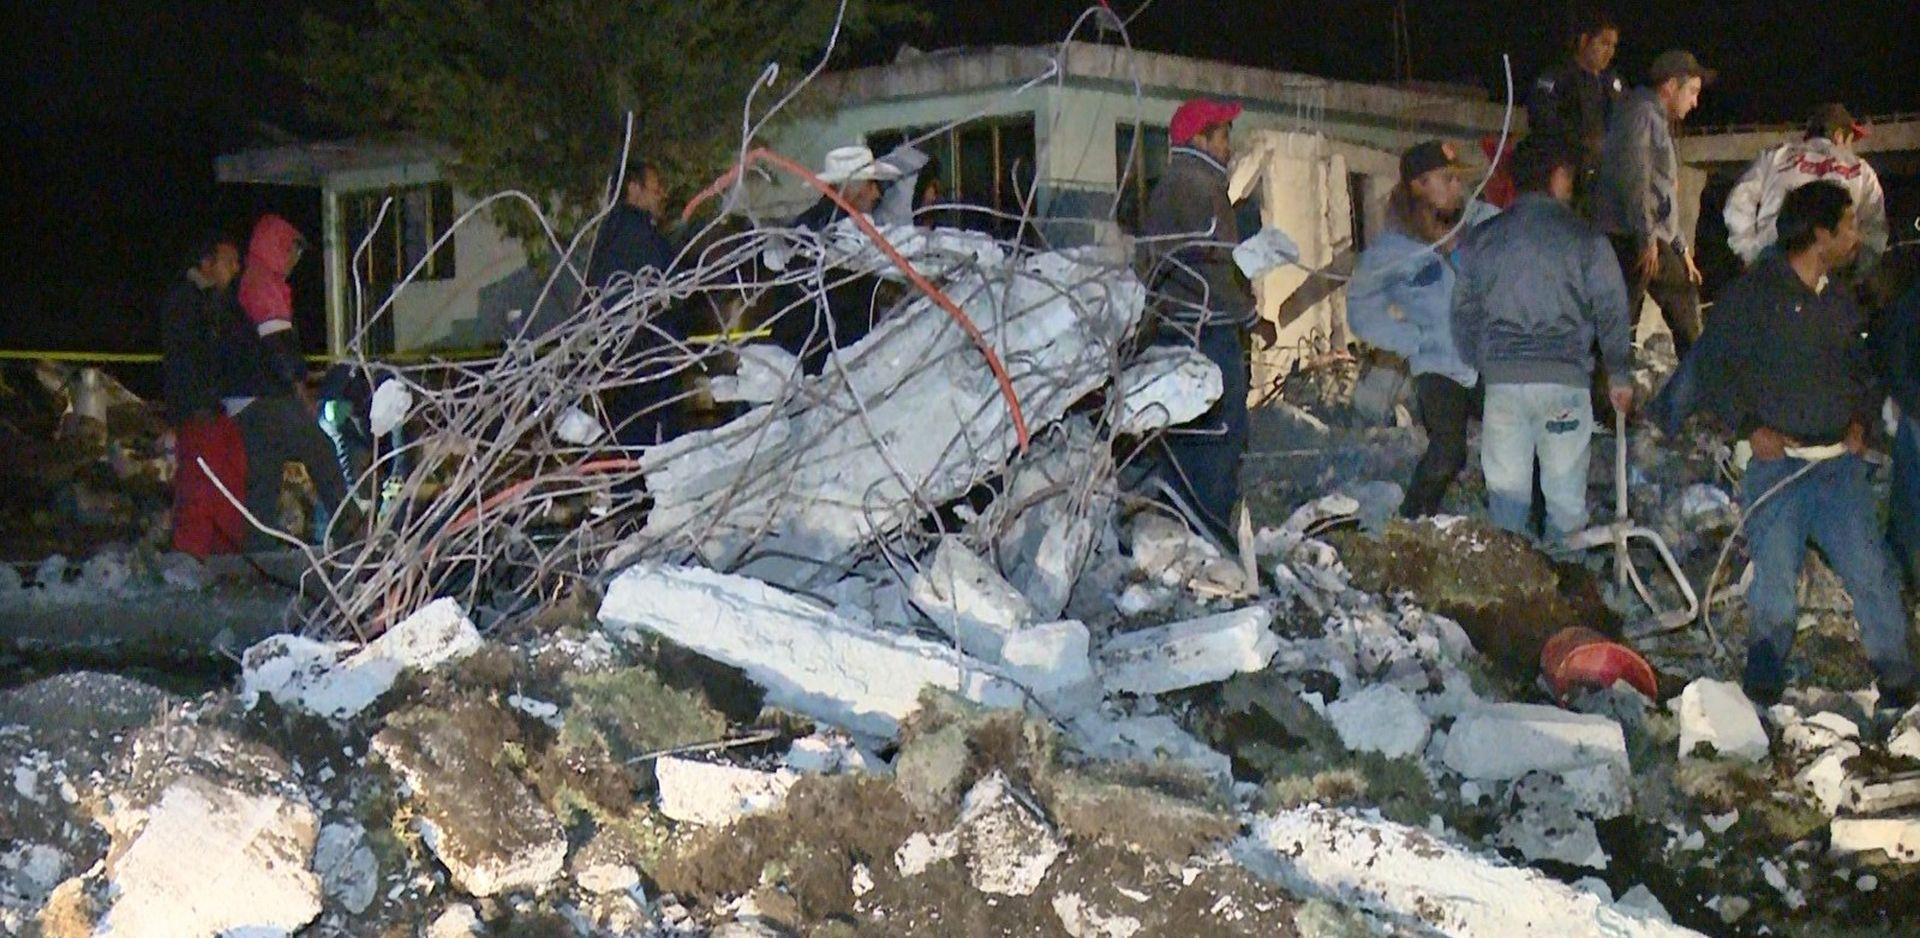 Najmanje 14 mrtvih u eksploziji skladišta pirotehnike u Meksiku